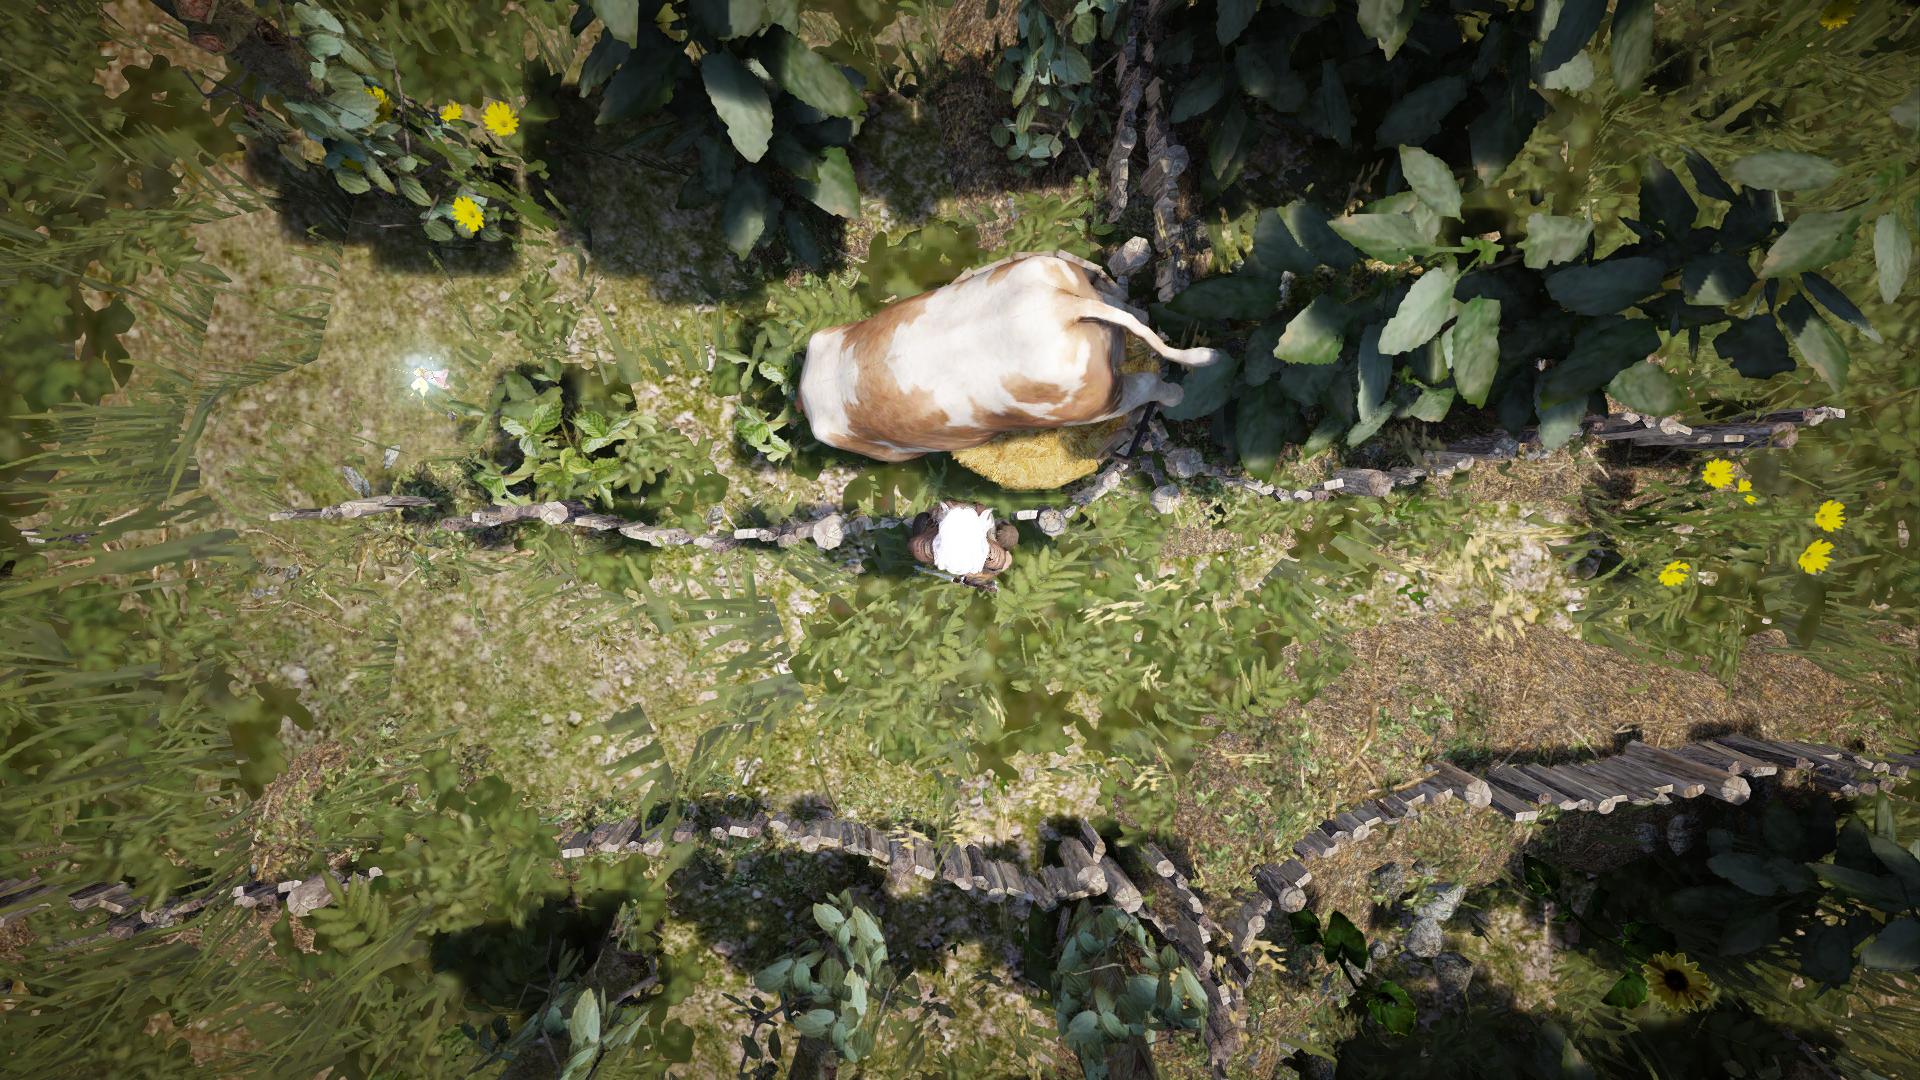 埋了自己的牛